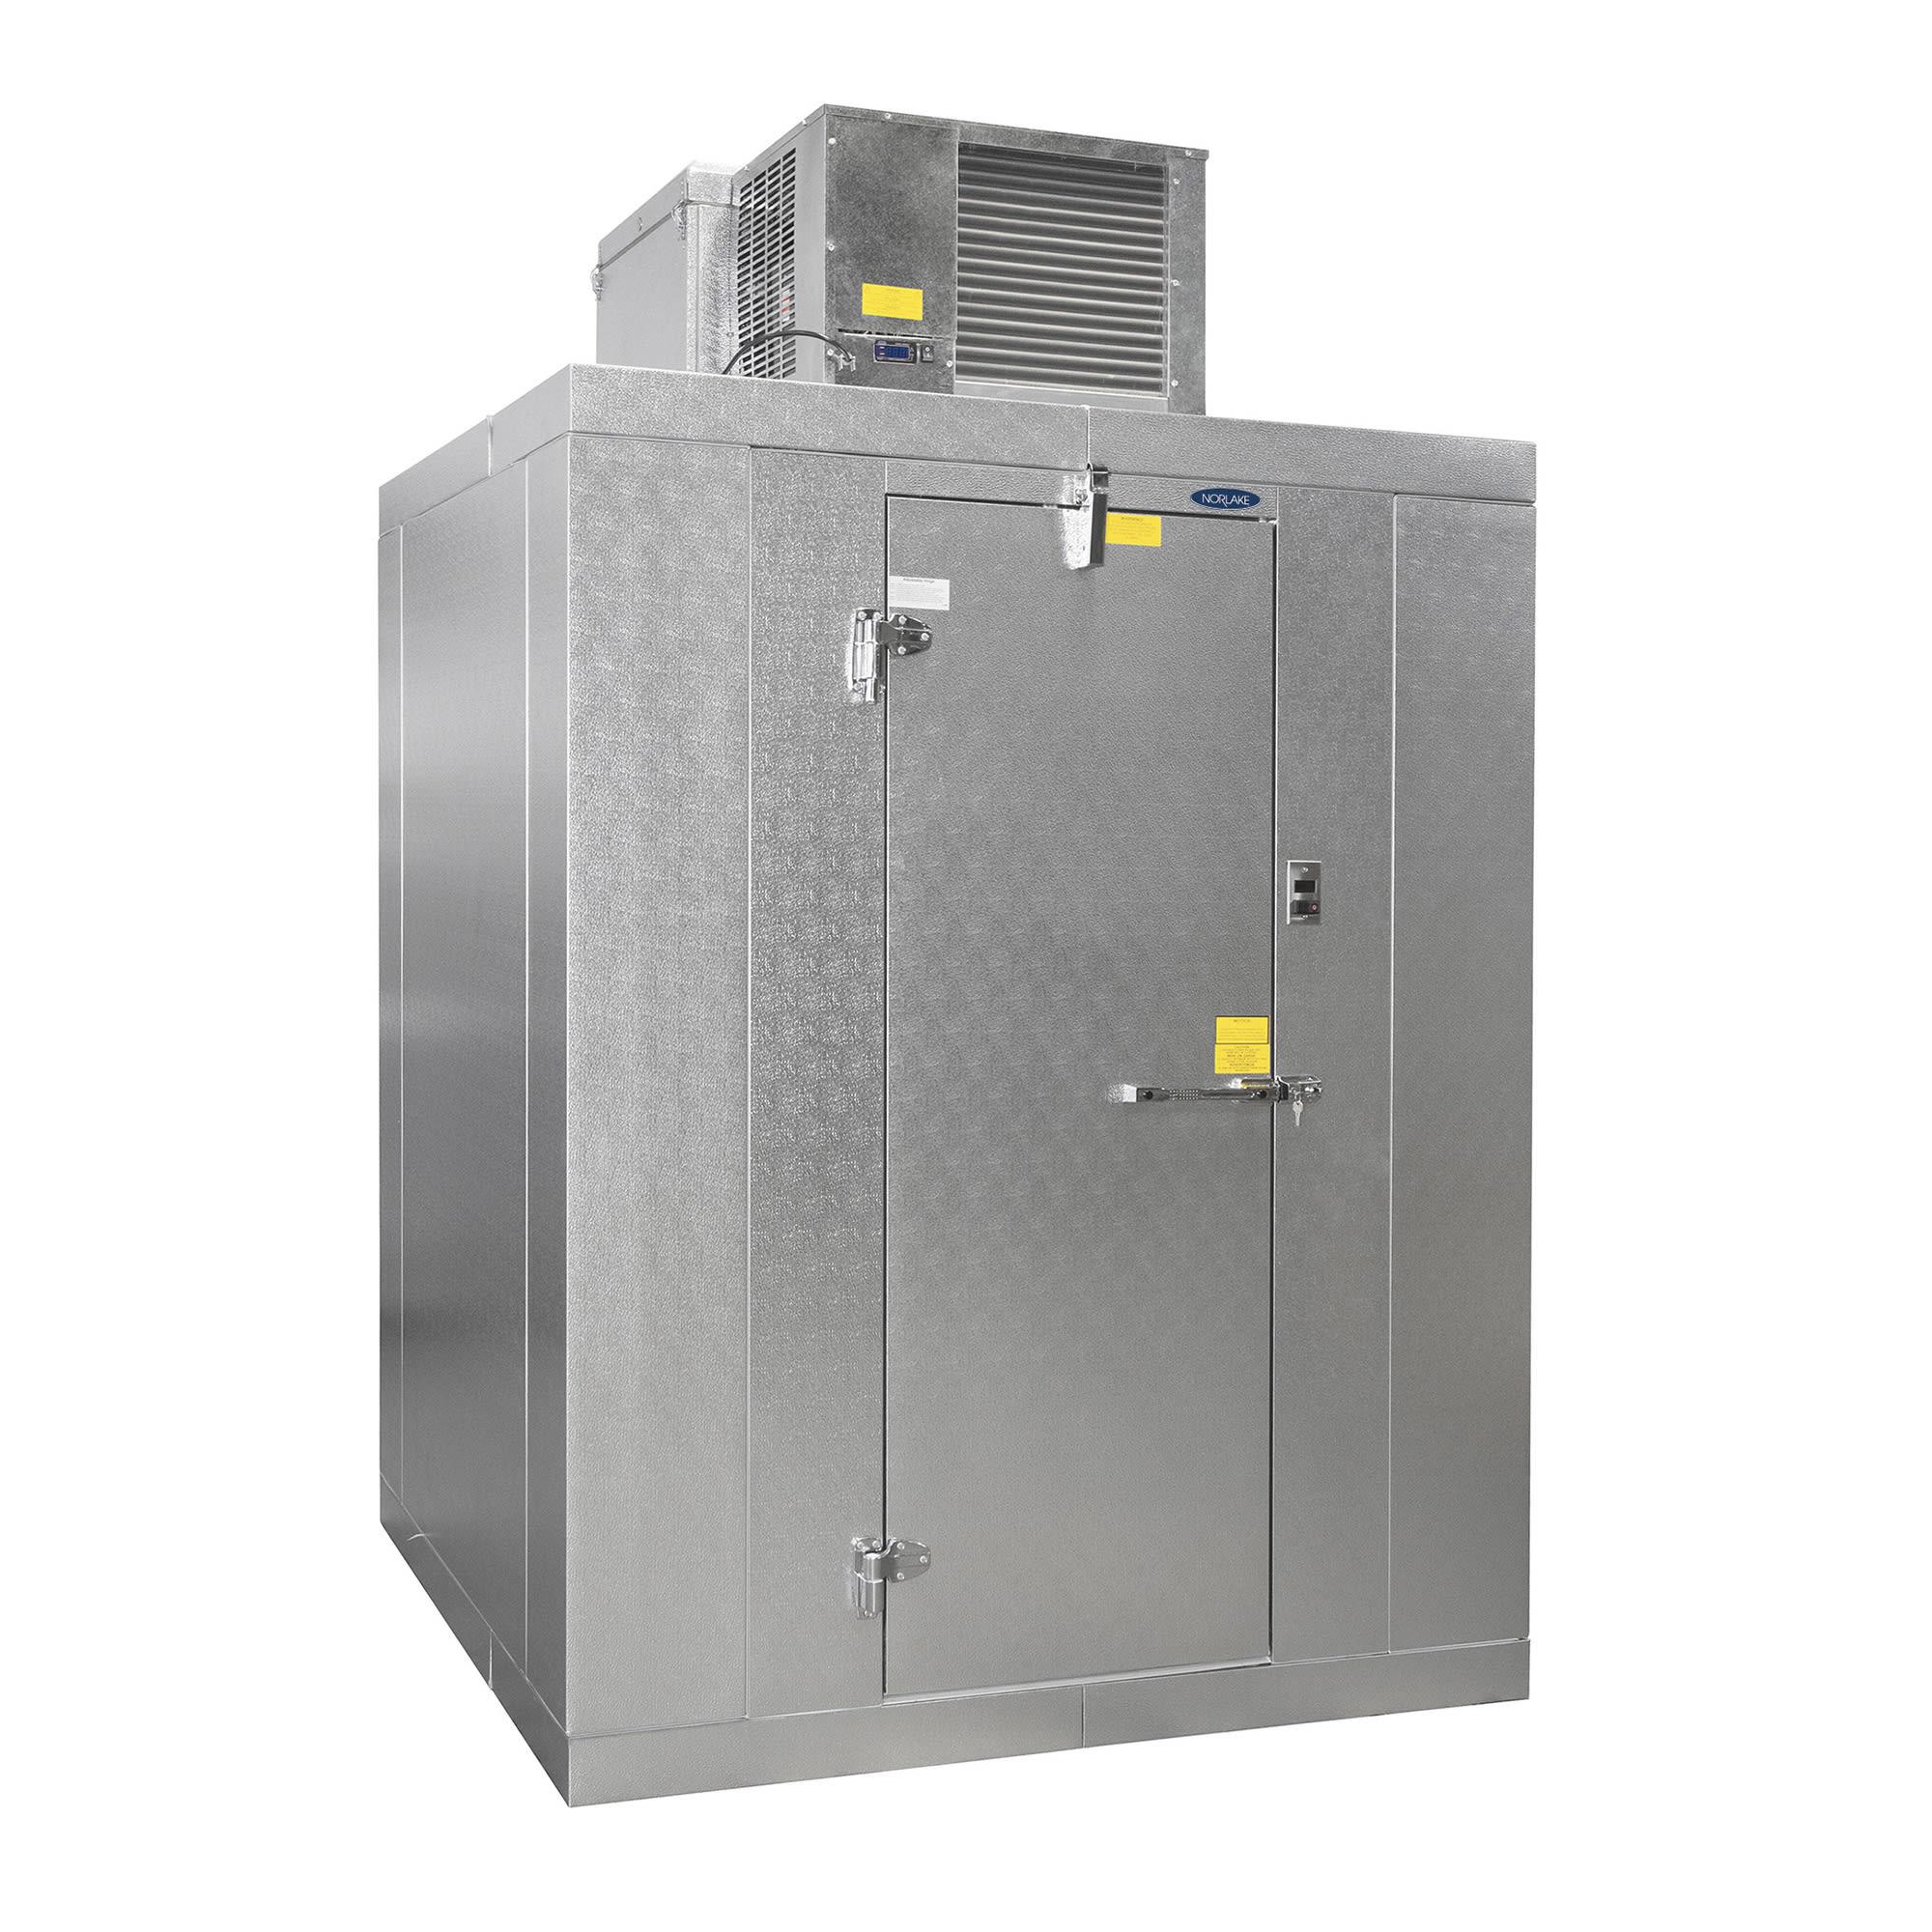 Norlake KLF77810-C Indoor Walk-In Freezer w/ Top Mount Compressor, 8' x 10'